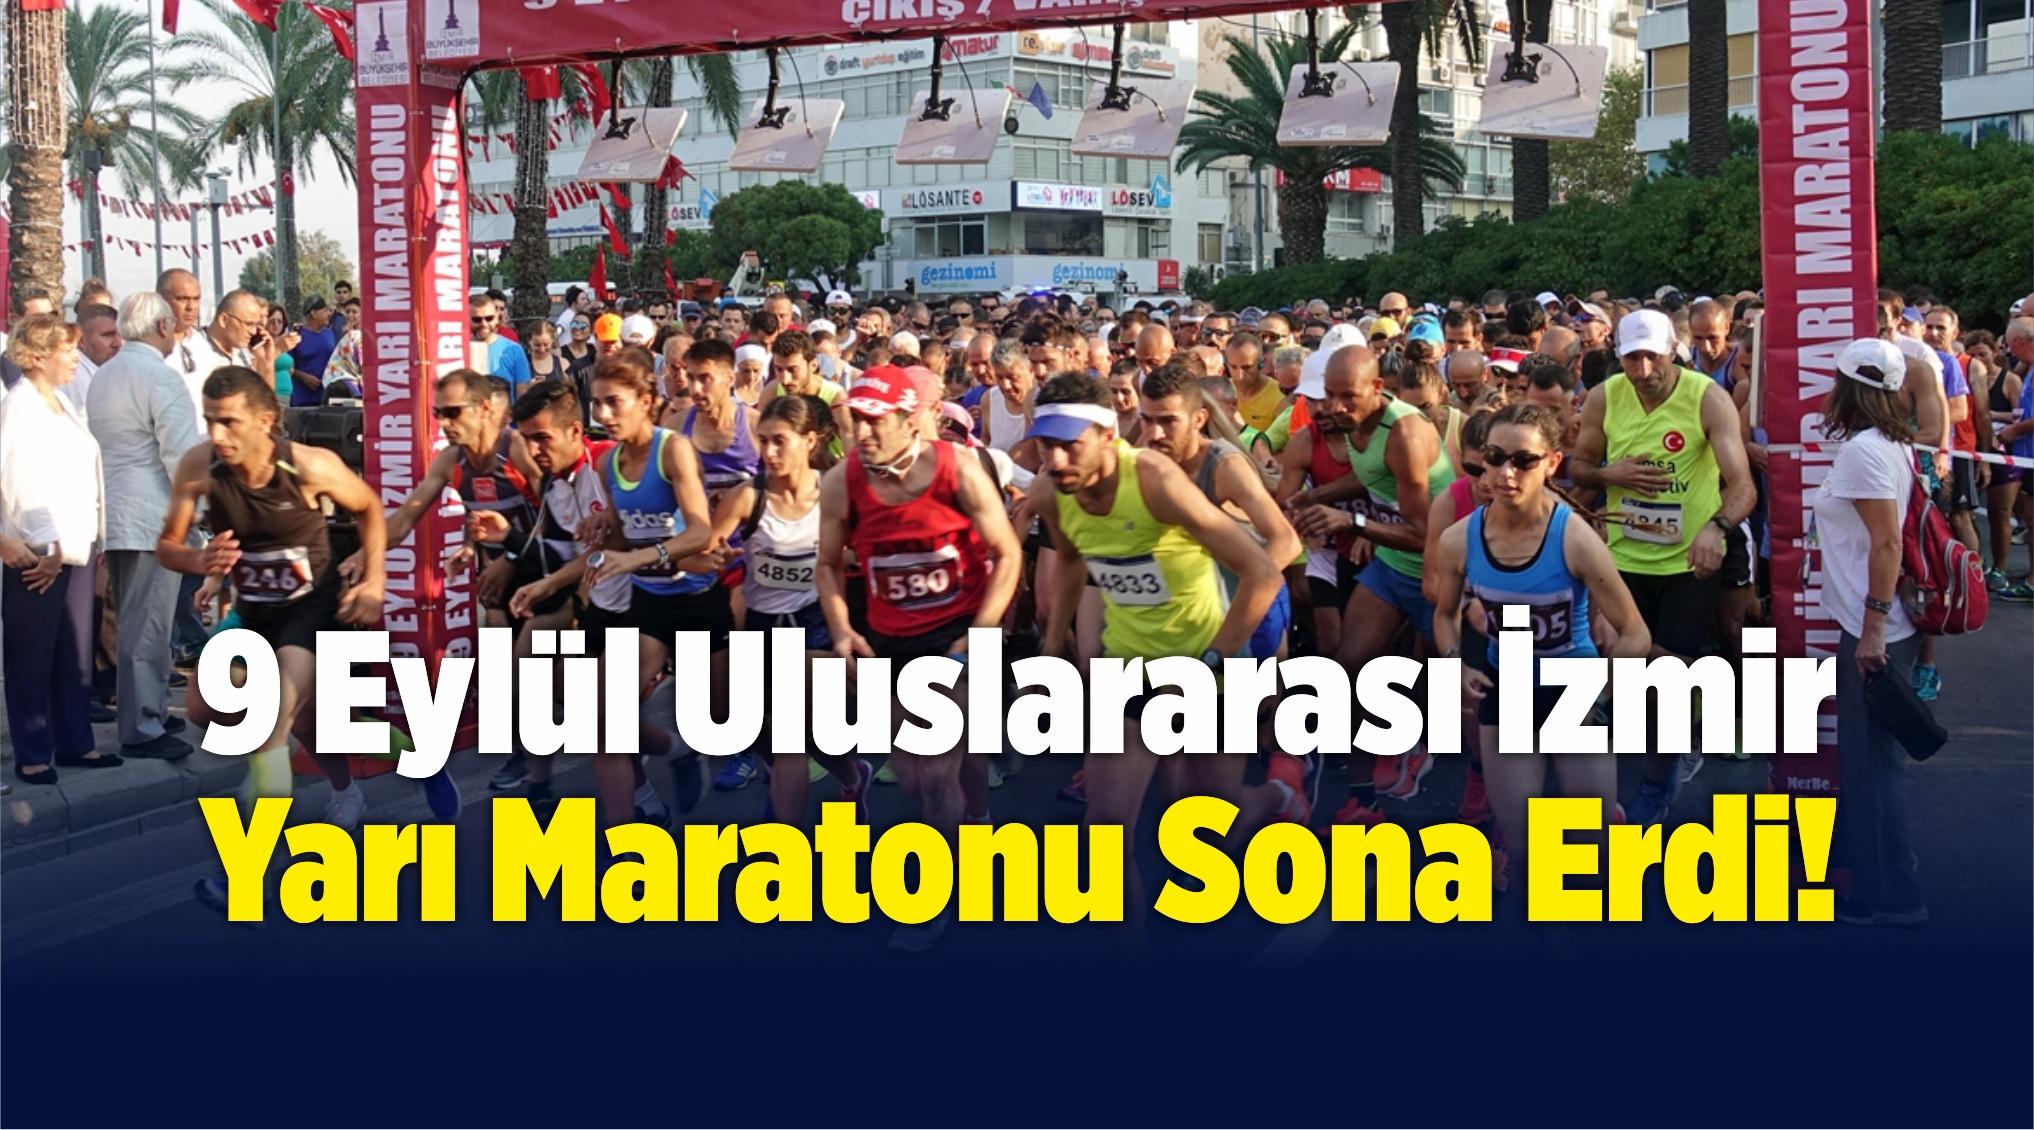 9 Eylül Uluslararası İzmir Yarı Maratonu Sona Erdi!